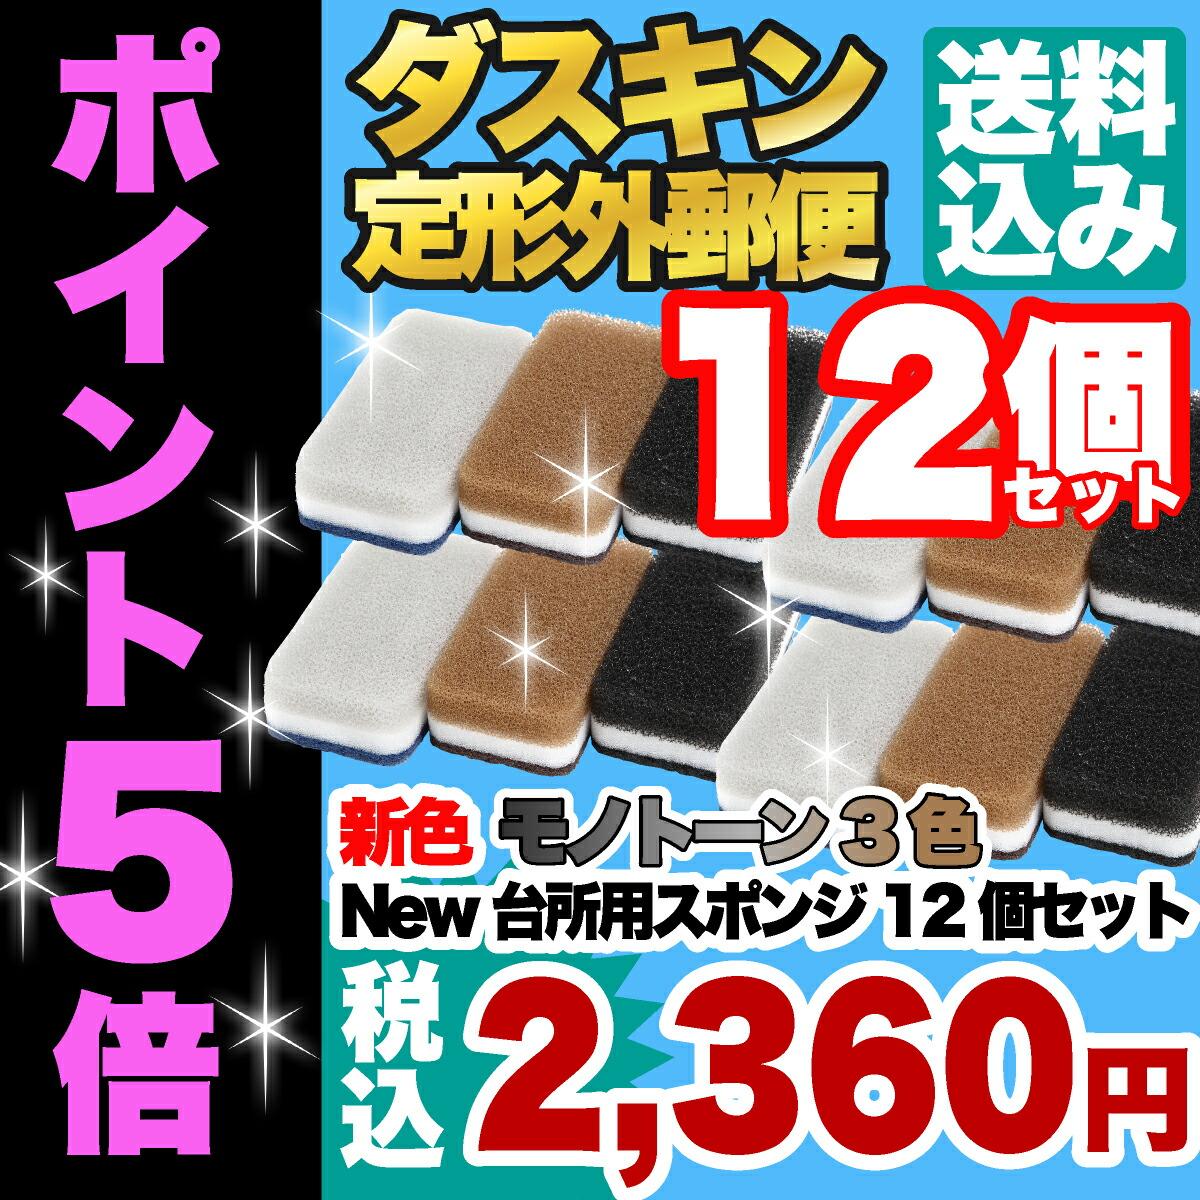 新色モノトーンダスキン台所用3色スポンジ12個セット